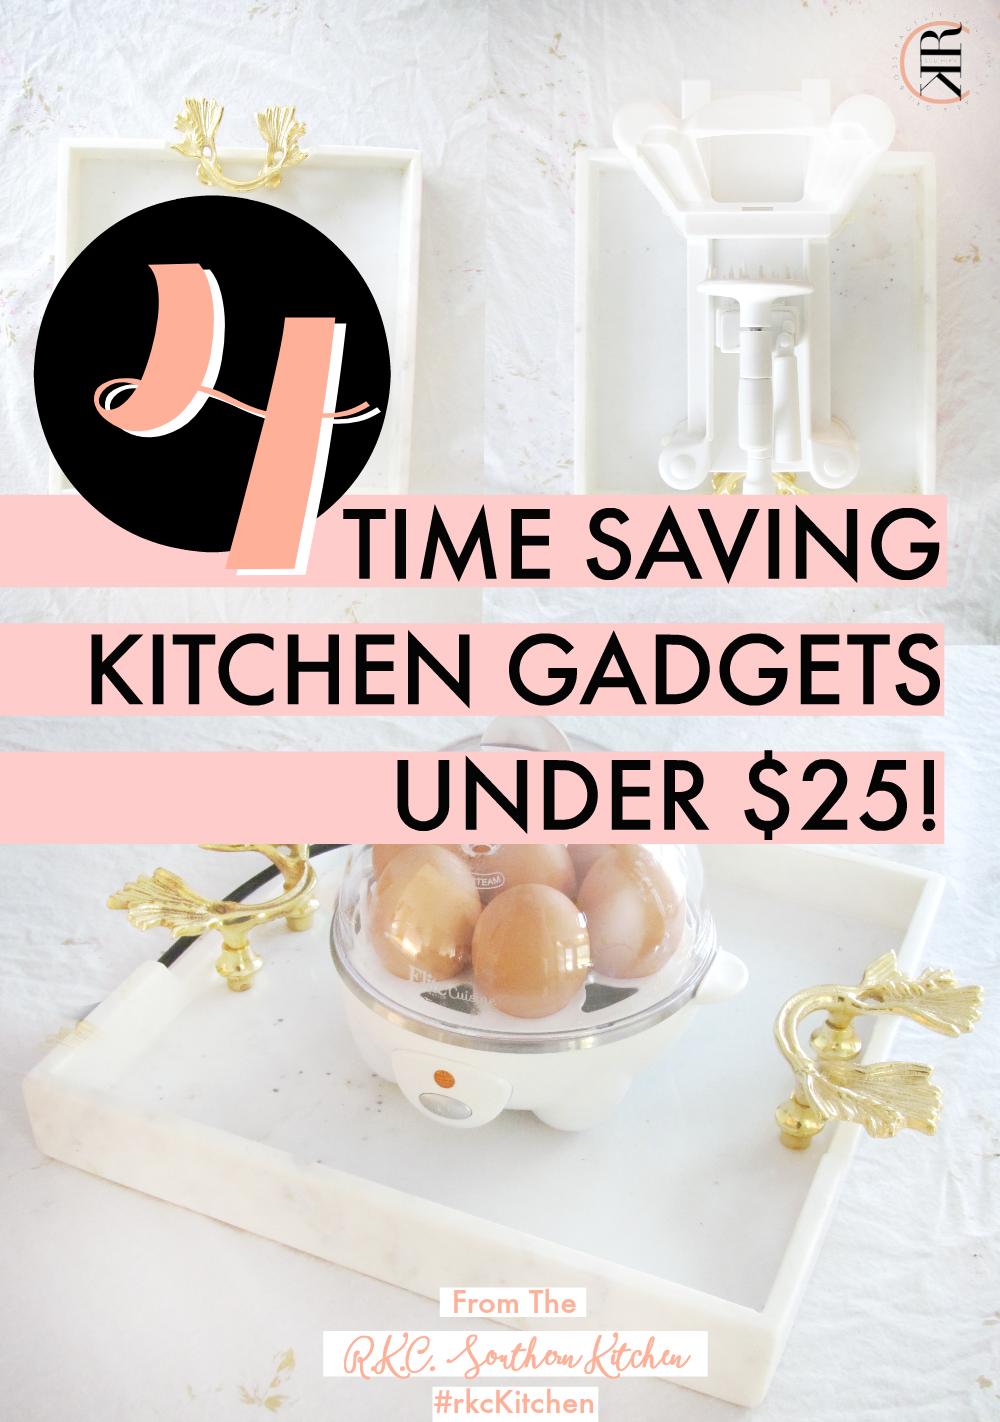 4 Time-Saving Kitchen Gadgets Under $25!